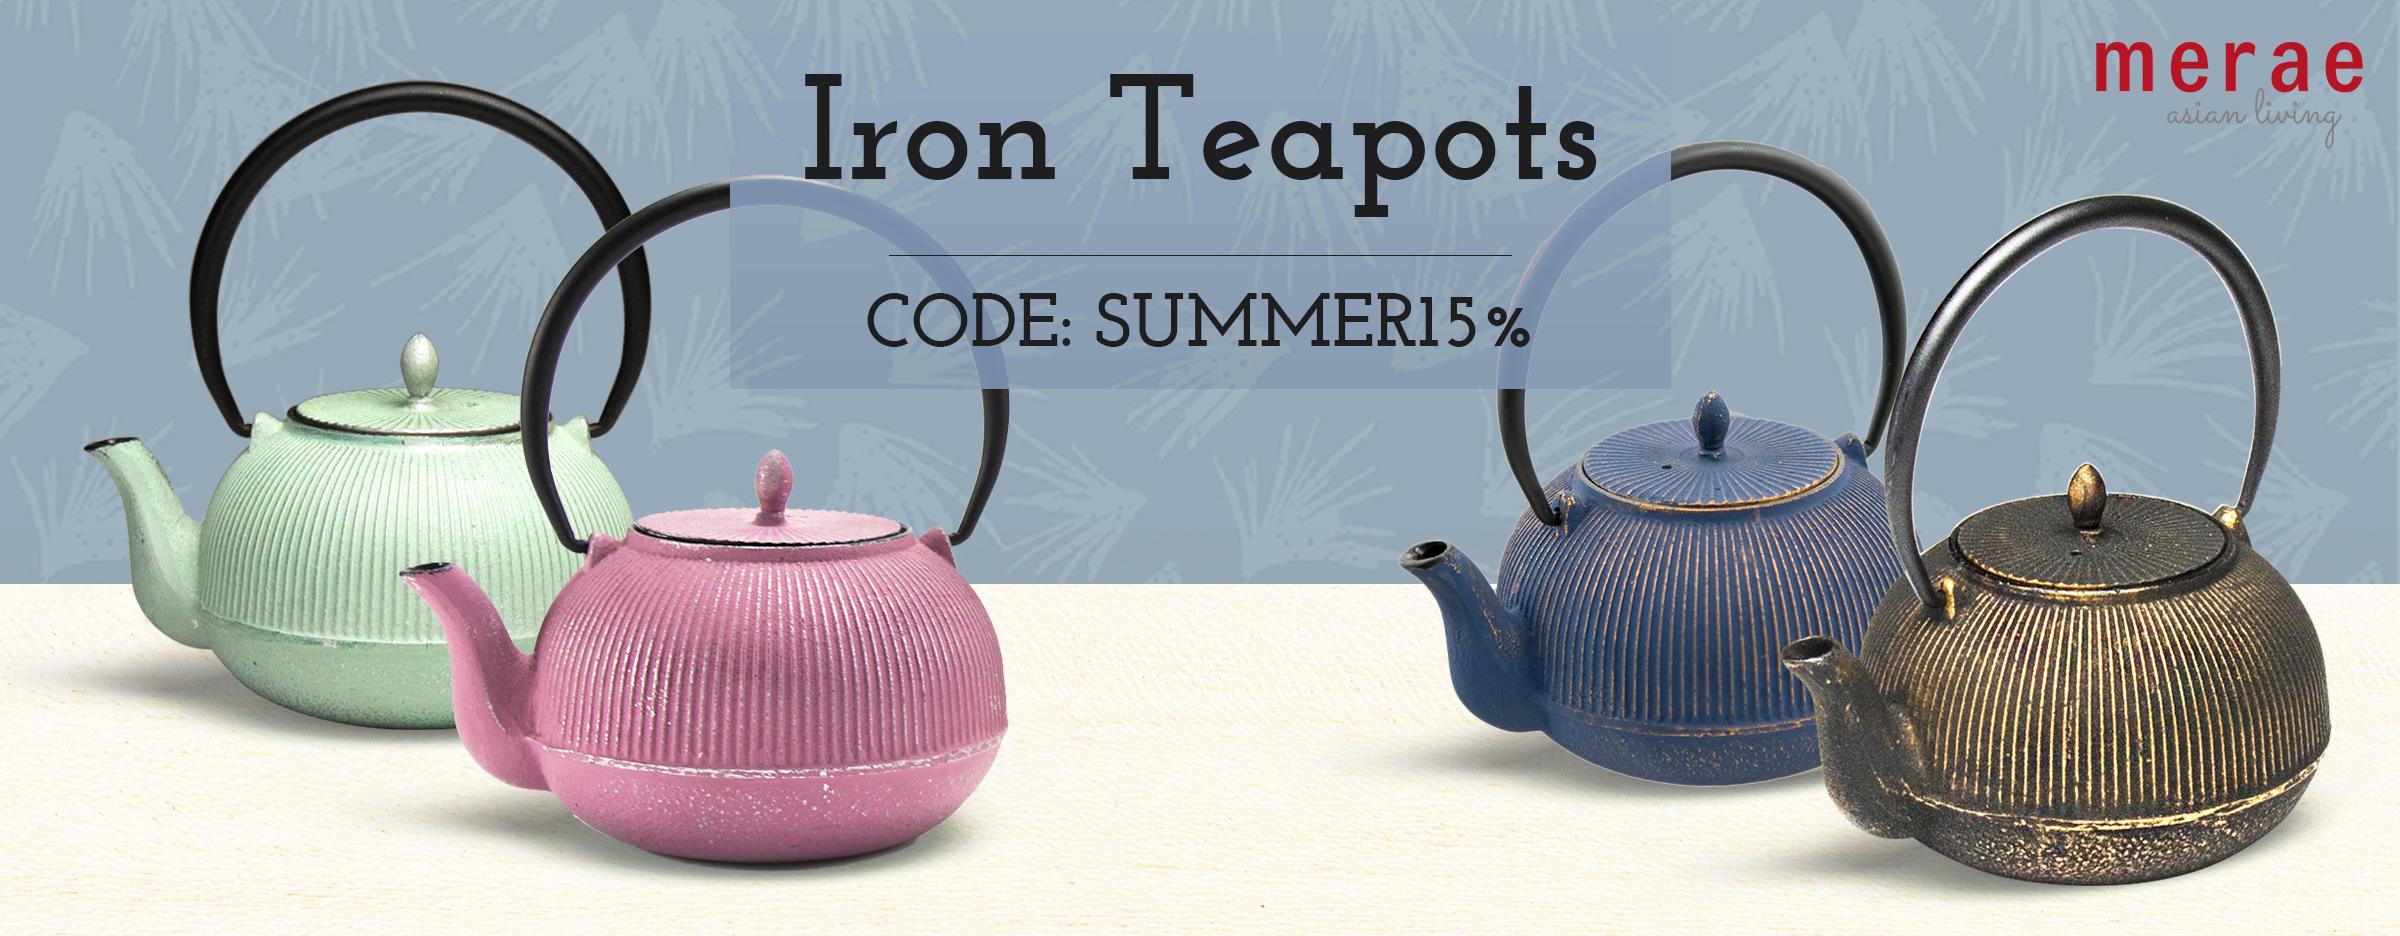 ironpot-.jpg